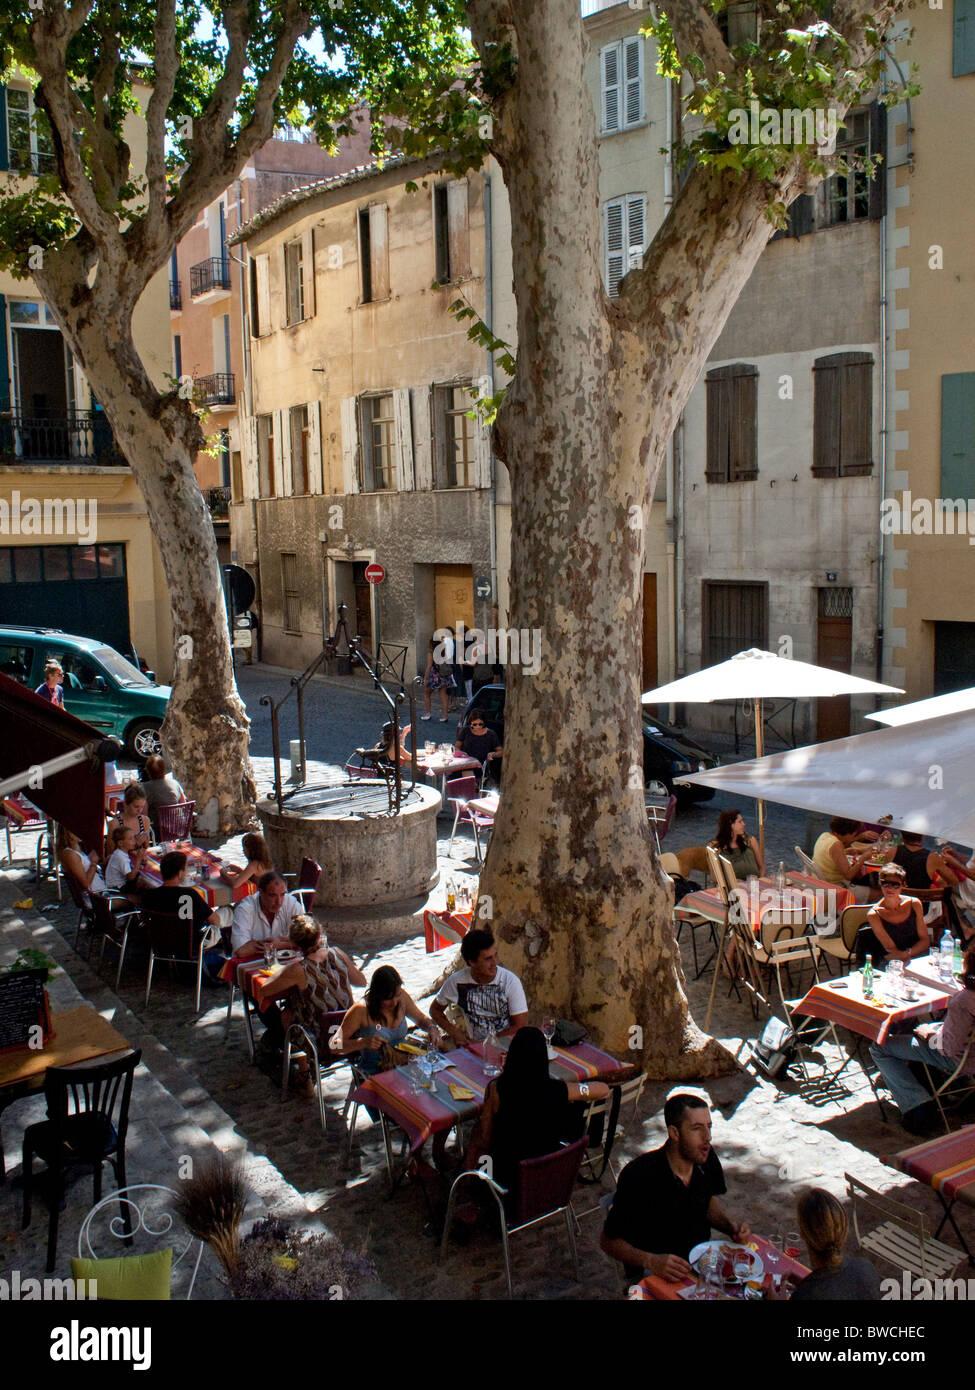 Restaurant le midi dans les vieux quartiers de Perpignan lors de la Visa pour l'image du photojournalisme Photo Stock